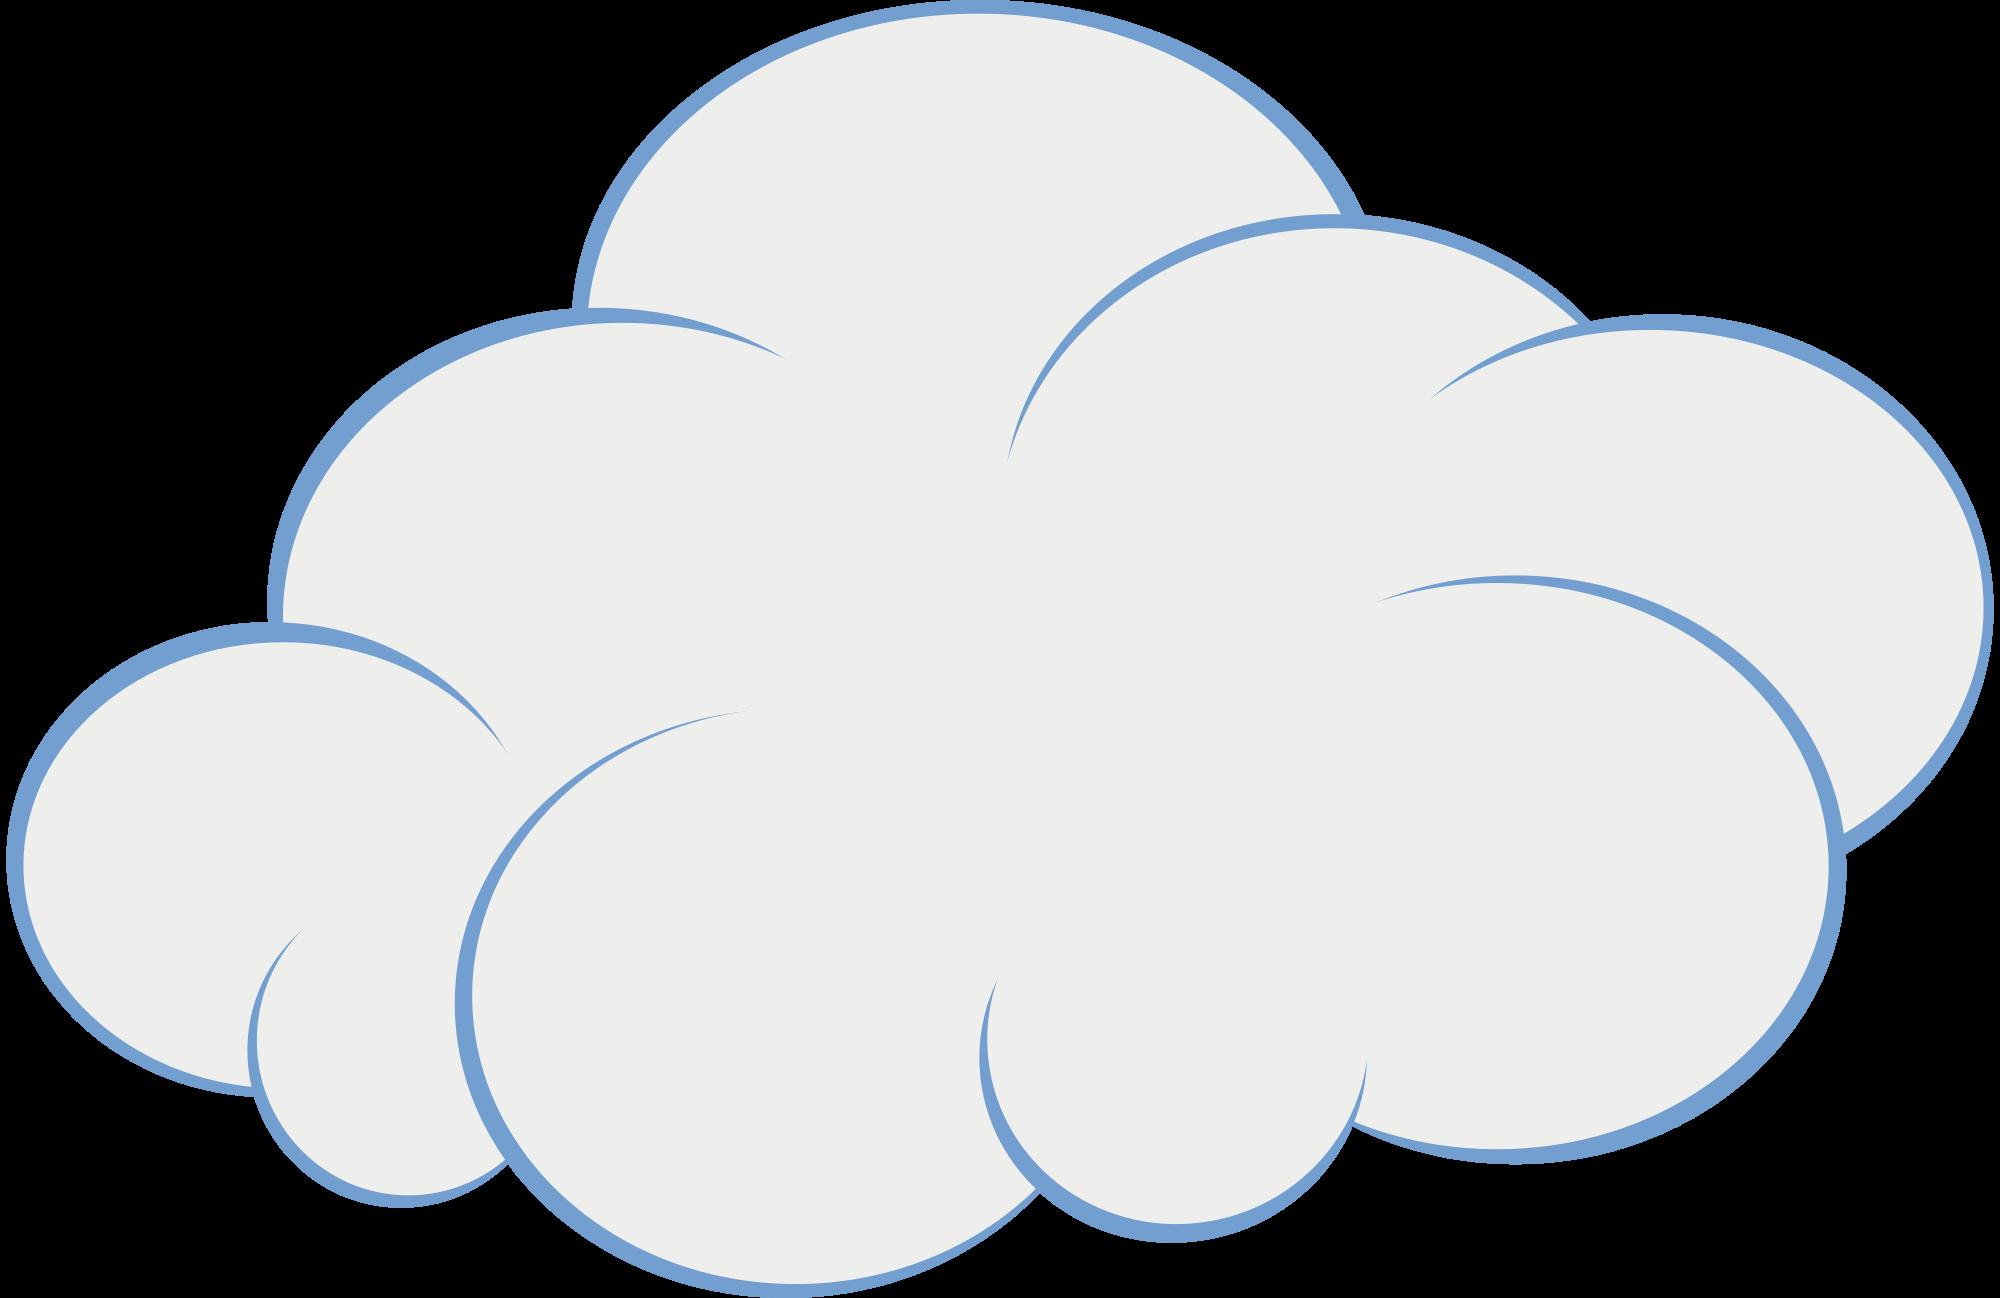 Png Clouds Cartoon Cartoon Clouds Cloud Drawing Cartoon Clip Art